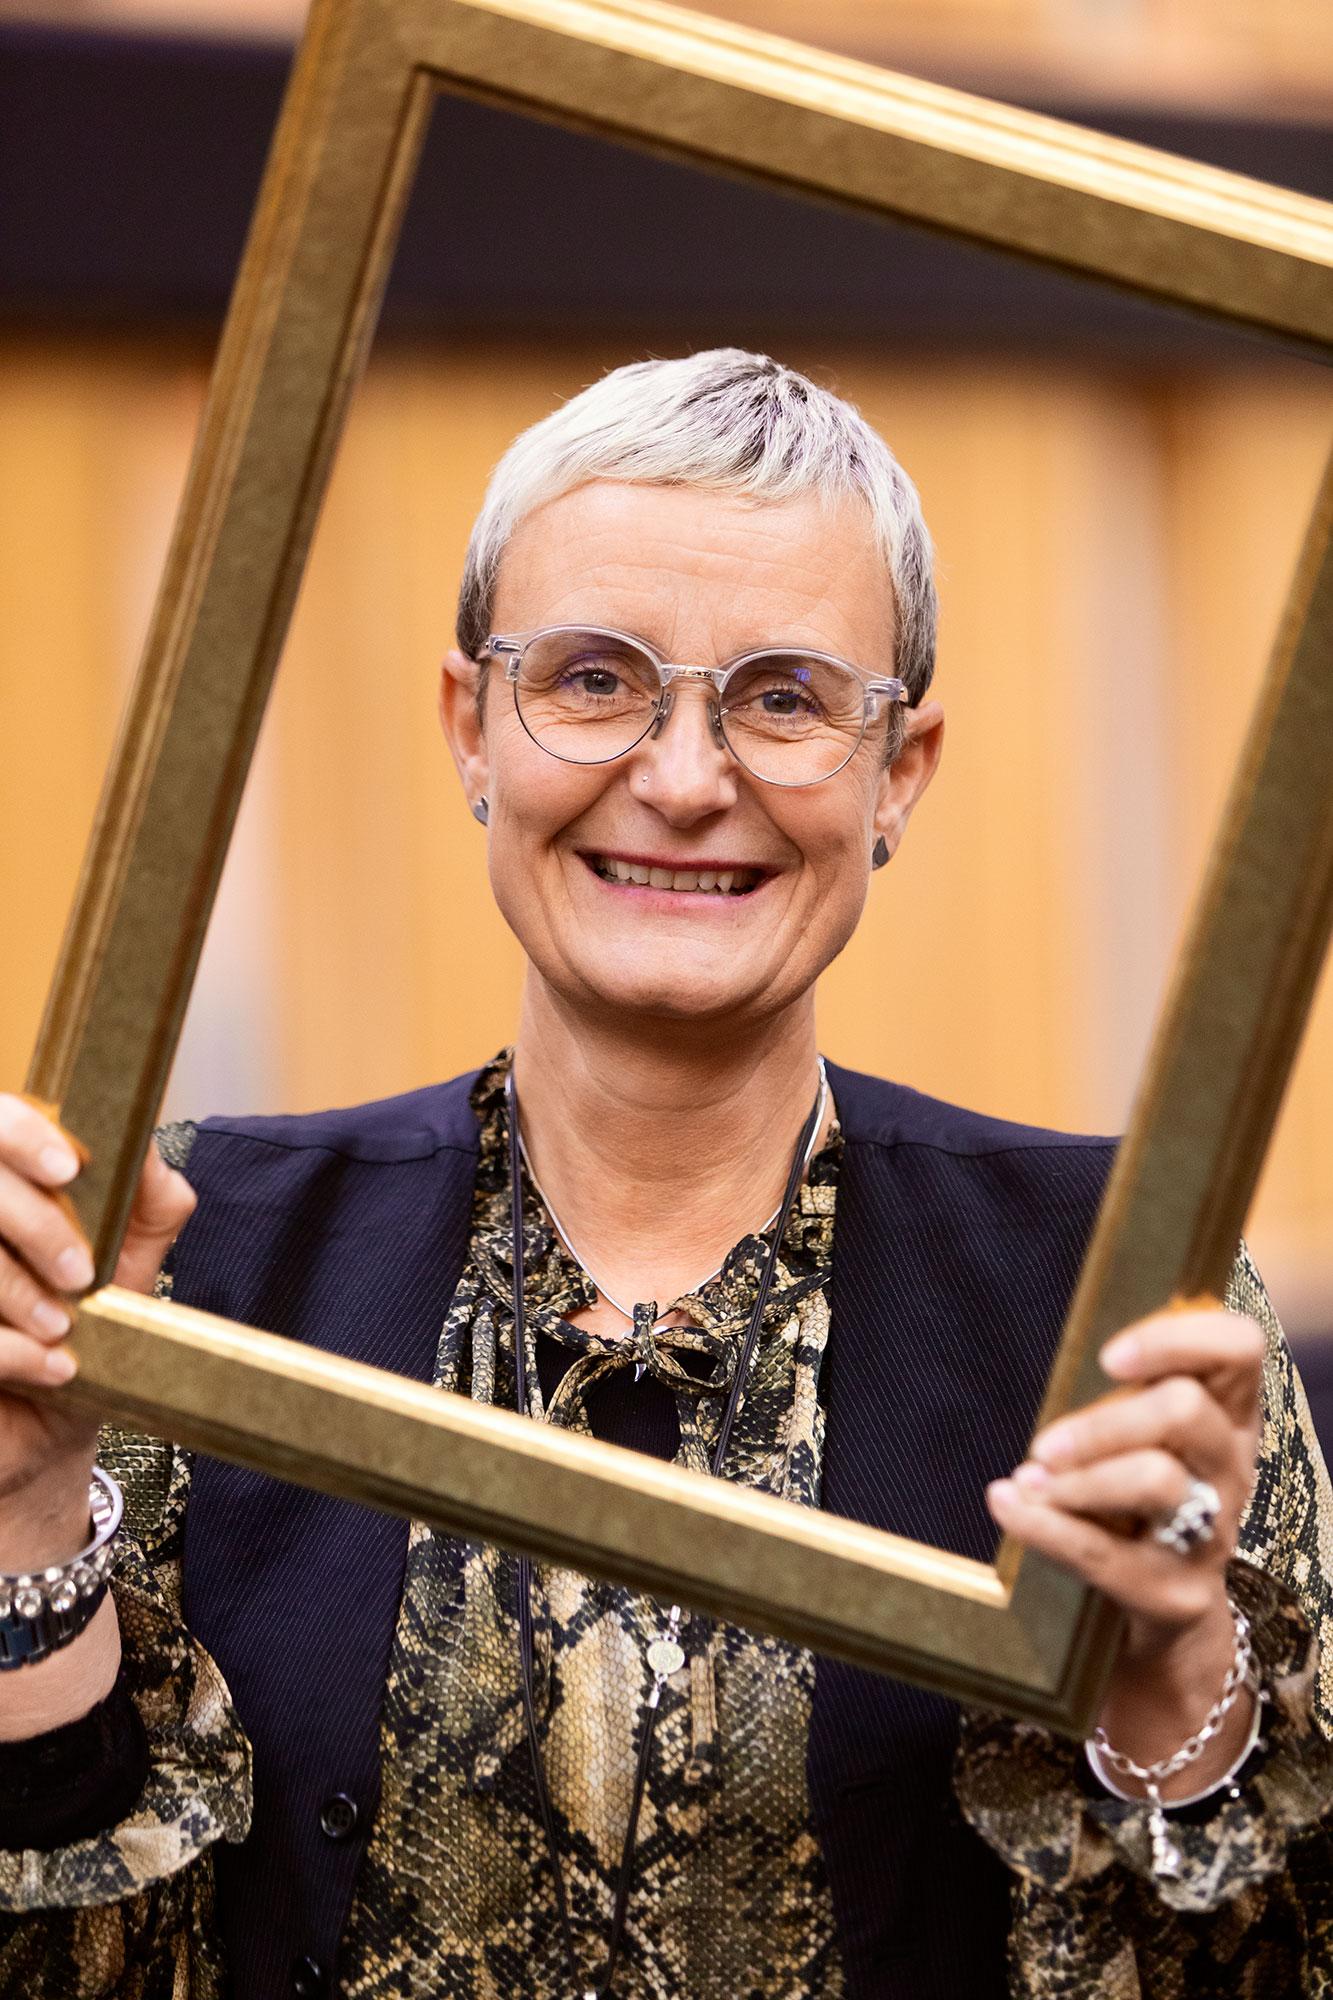 Hanne Gustafsson